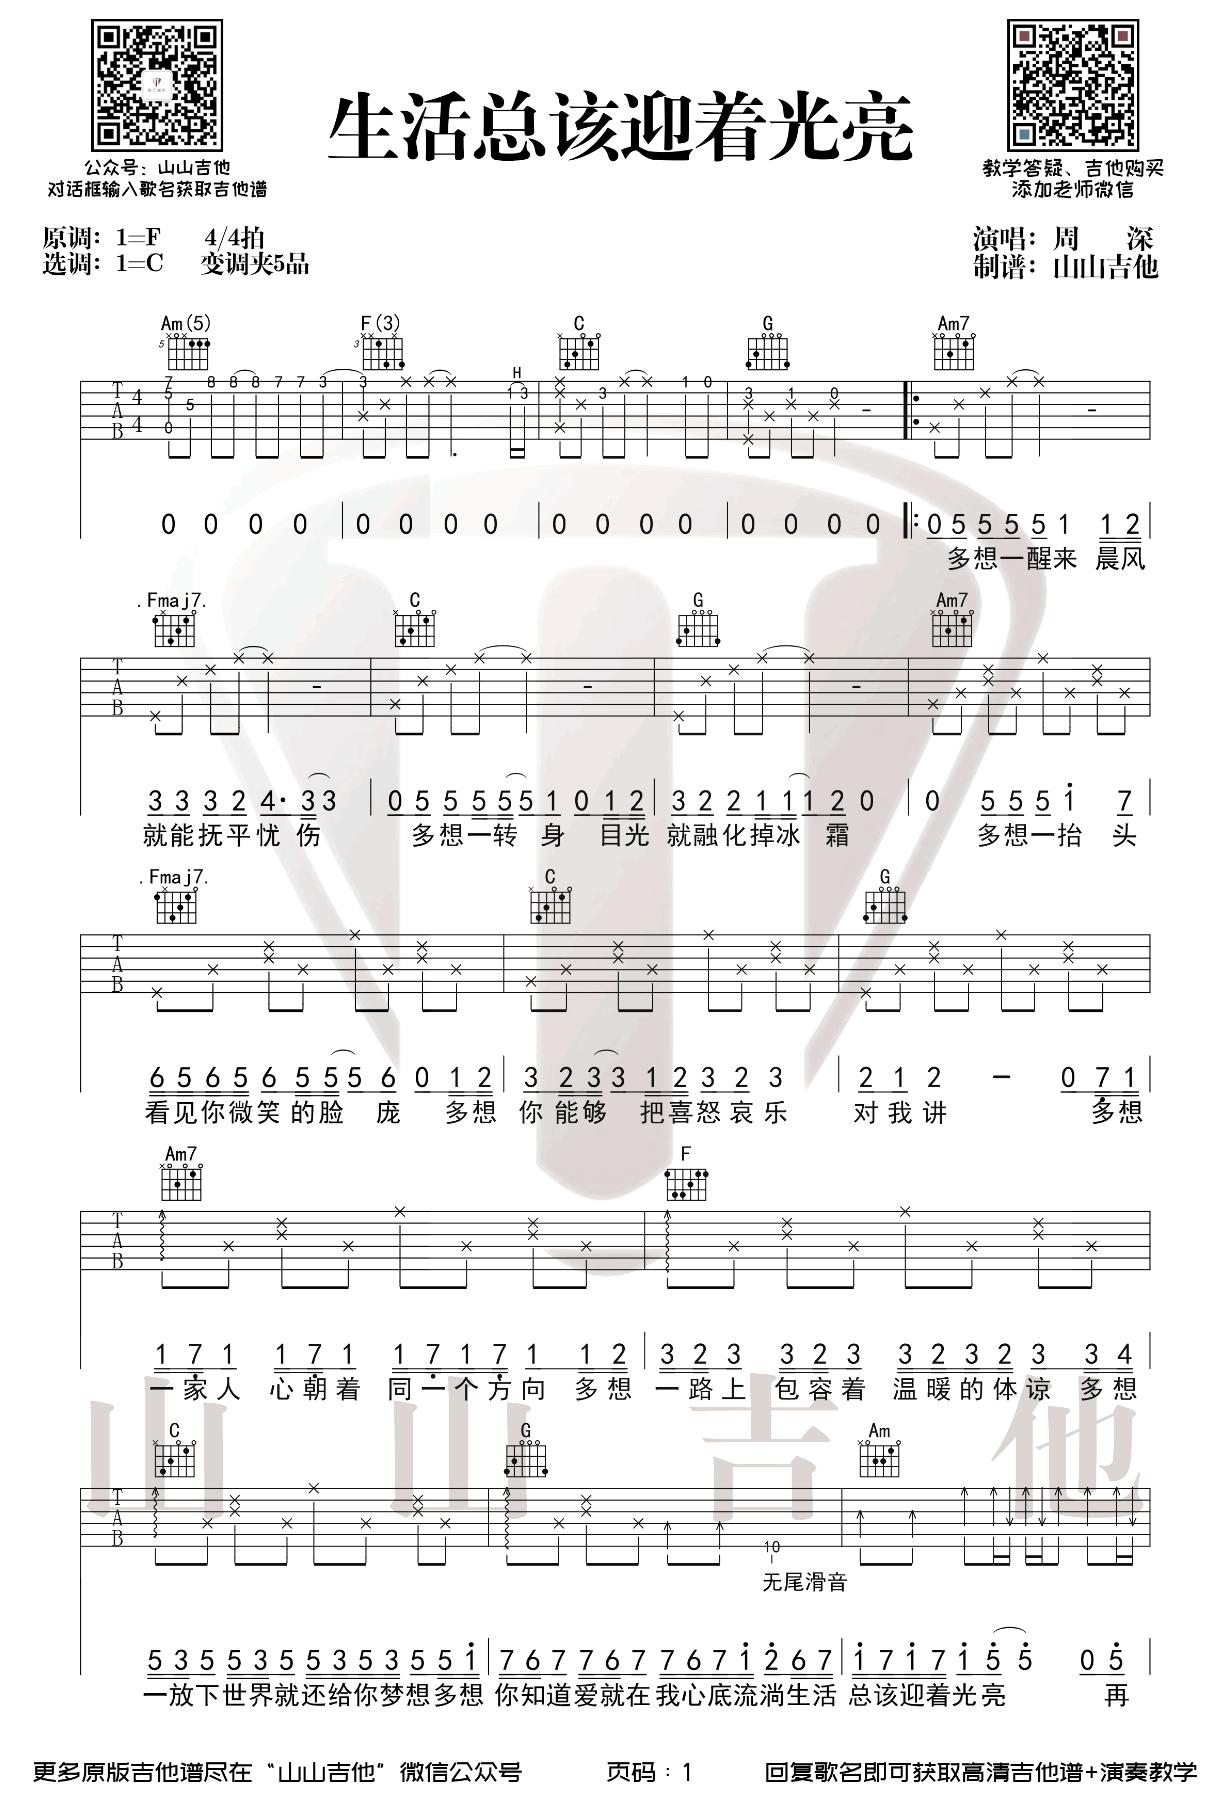 周深-生活总该迎着光亮吉他谱-1